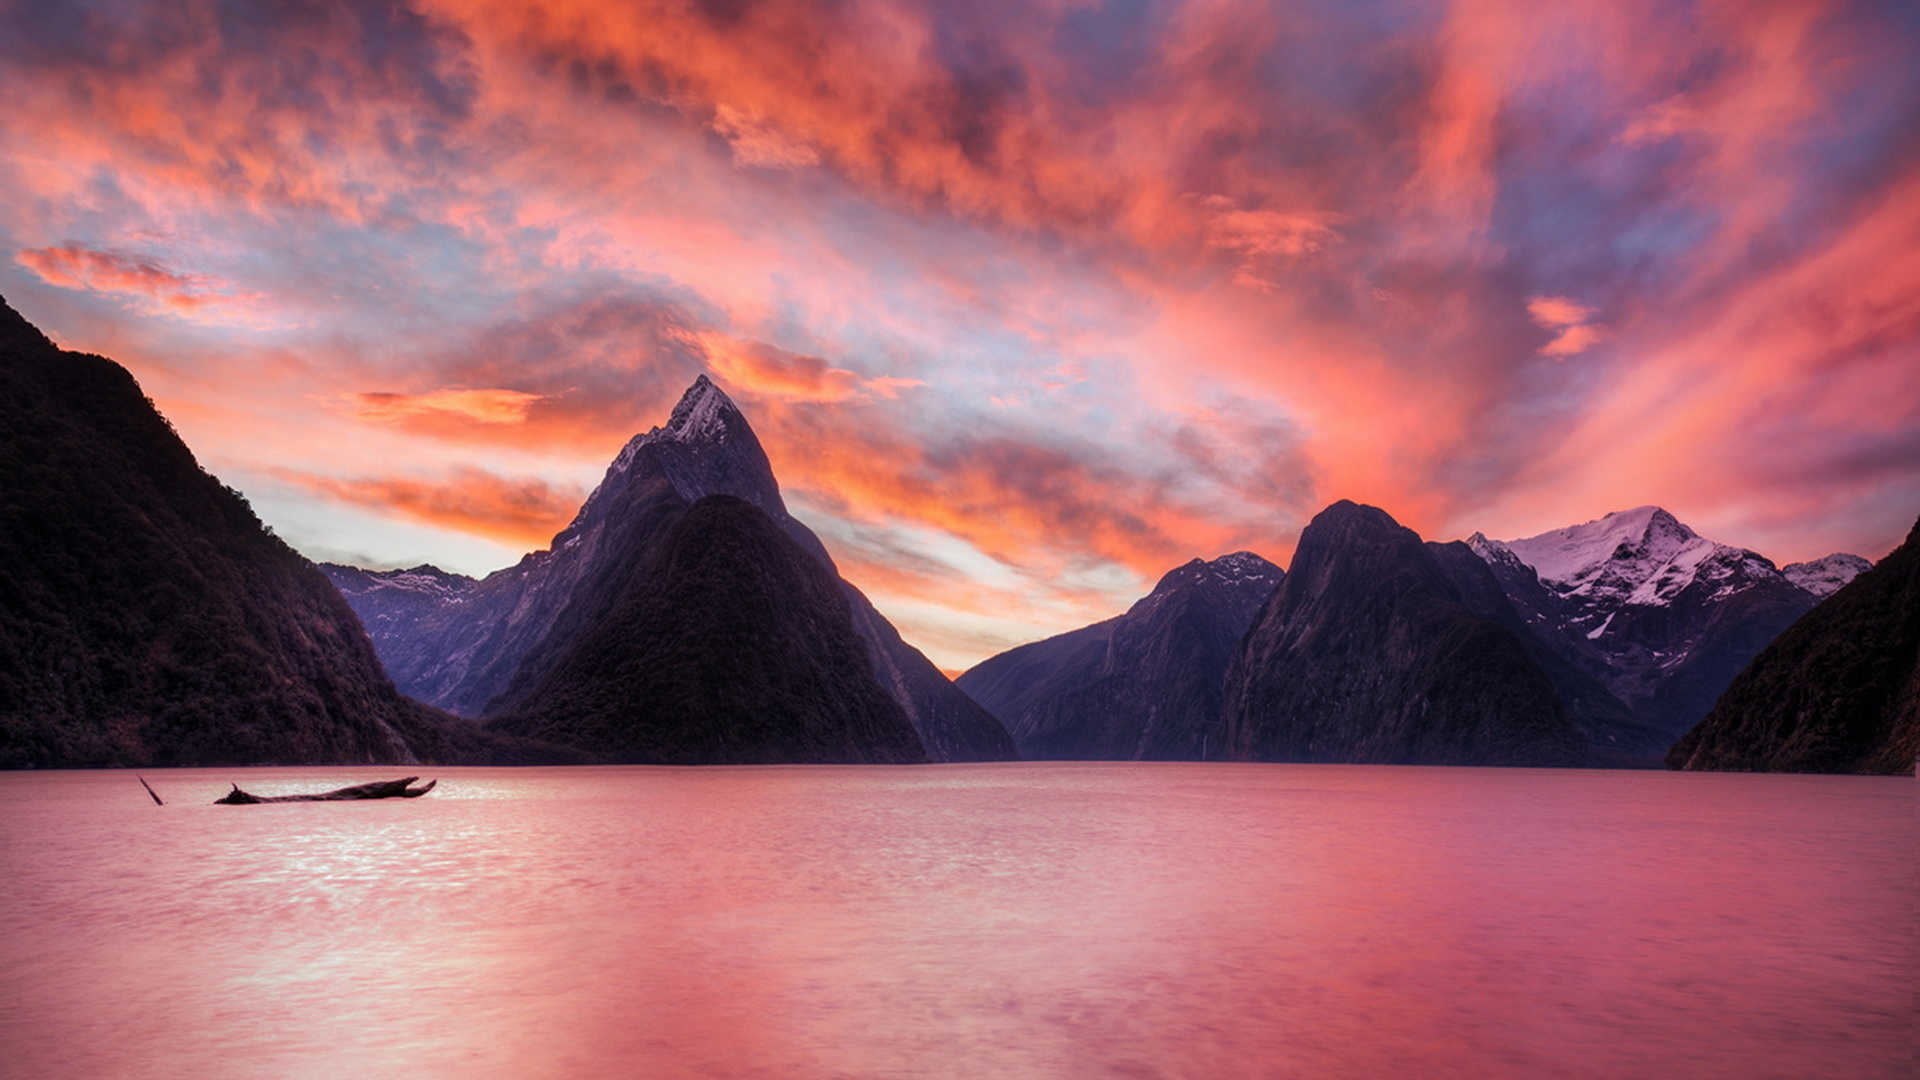 новая зеландия, озеро, горы, небо, закат, красота